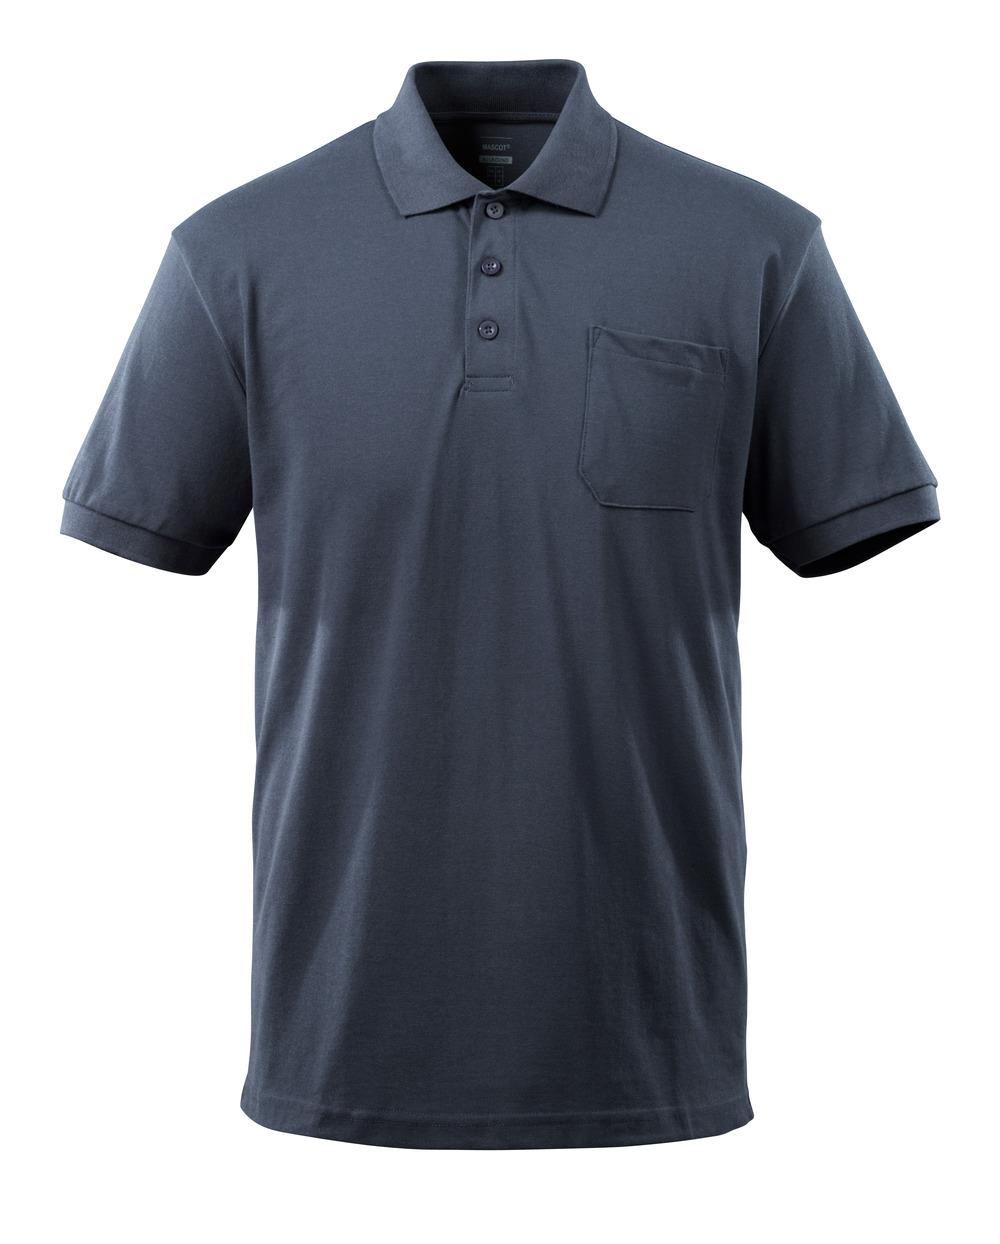 51586-968-010 Polo con bolsillo en el pecho - azul marino oscuro